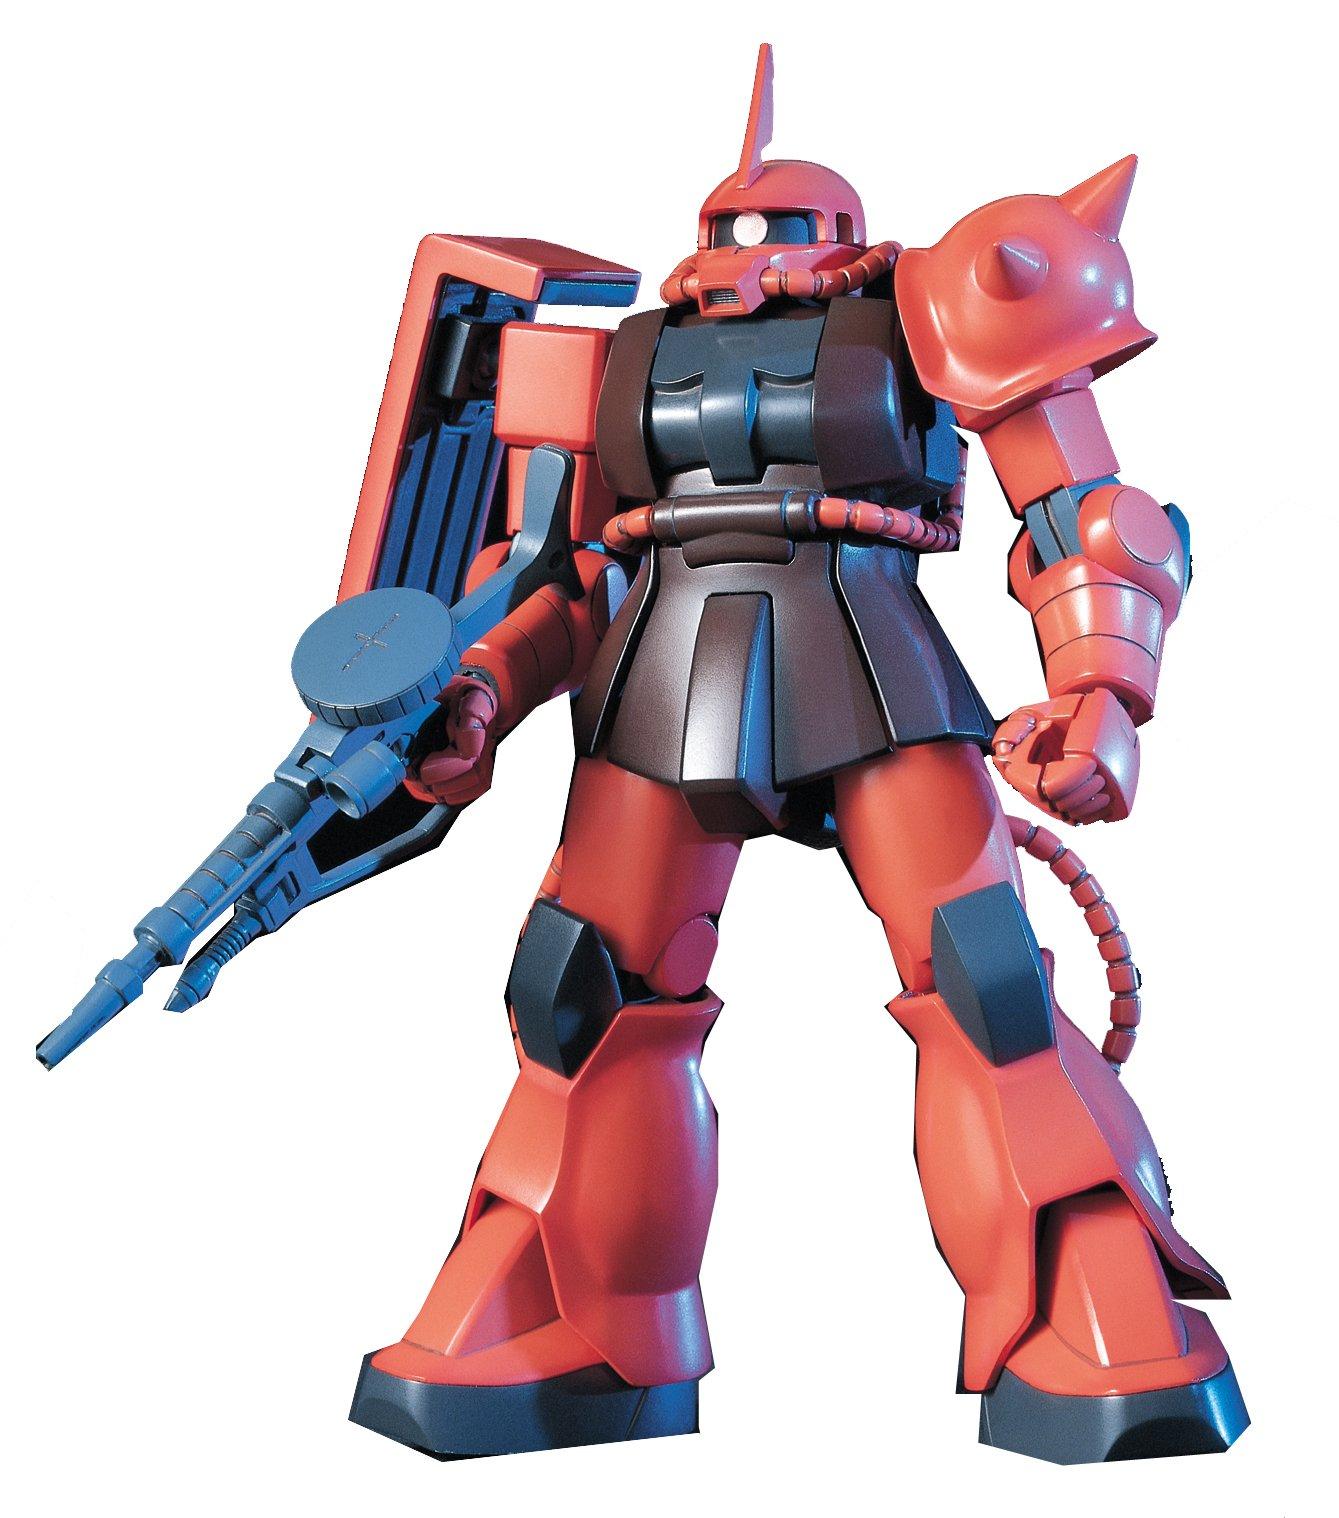 Gundam MS-06S Zaku II Char Custom HGUC 1/144 Scale